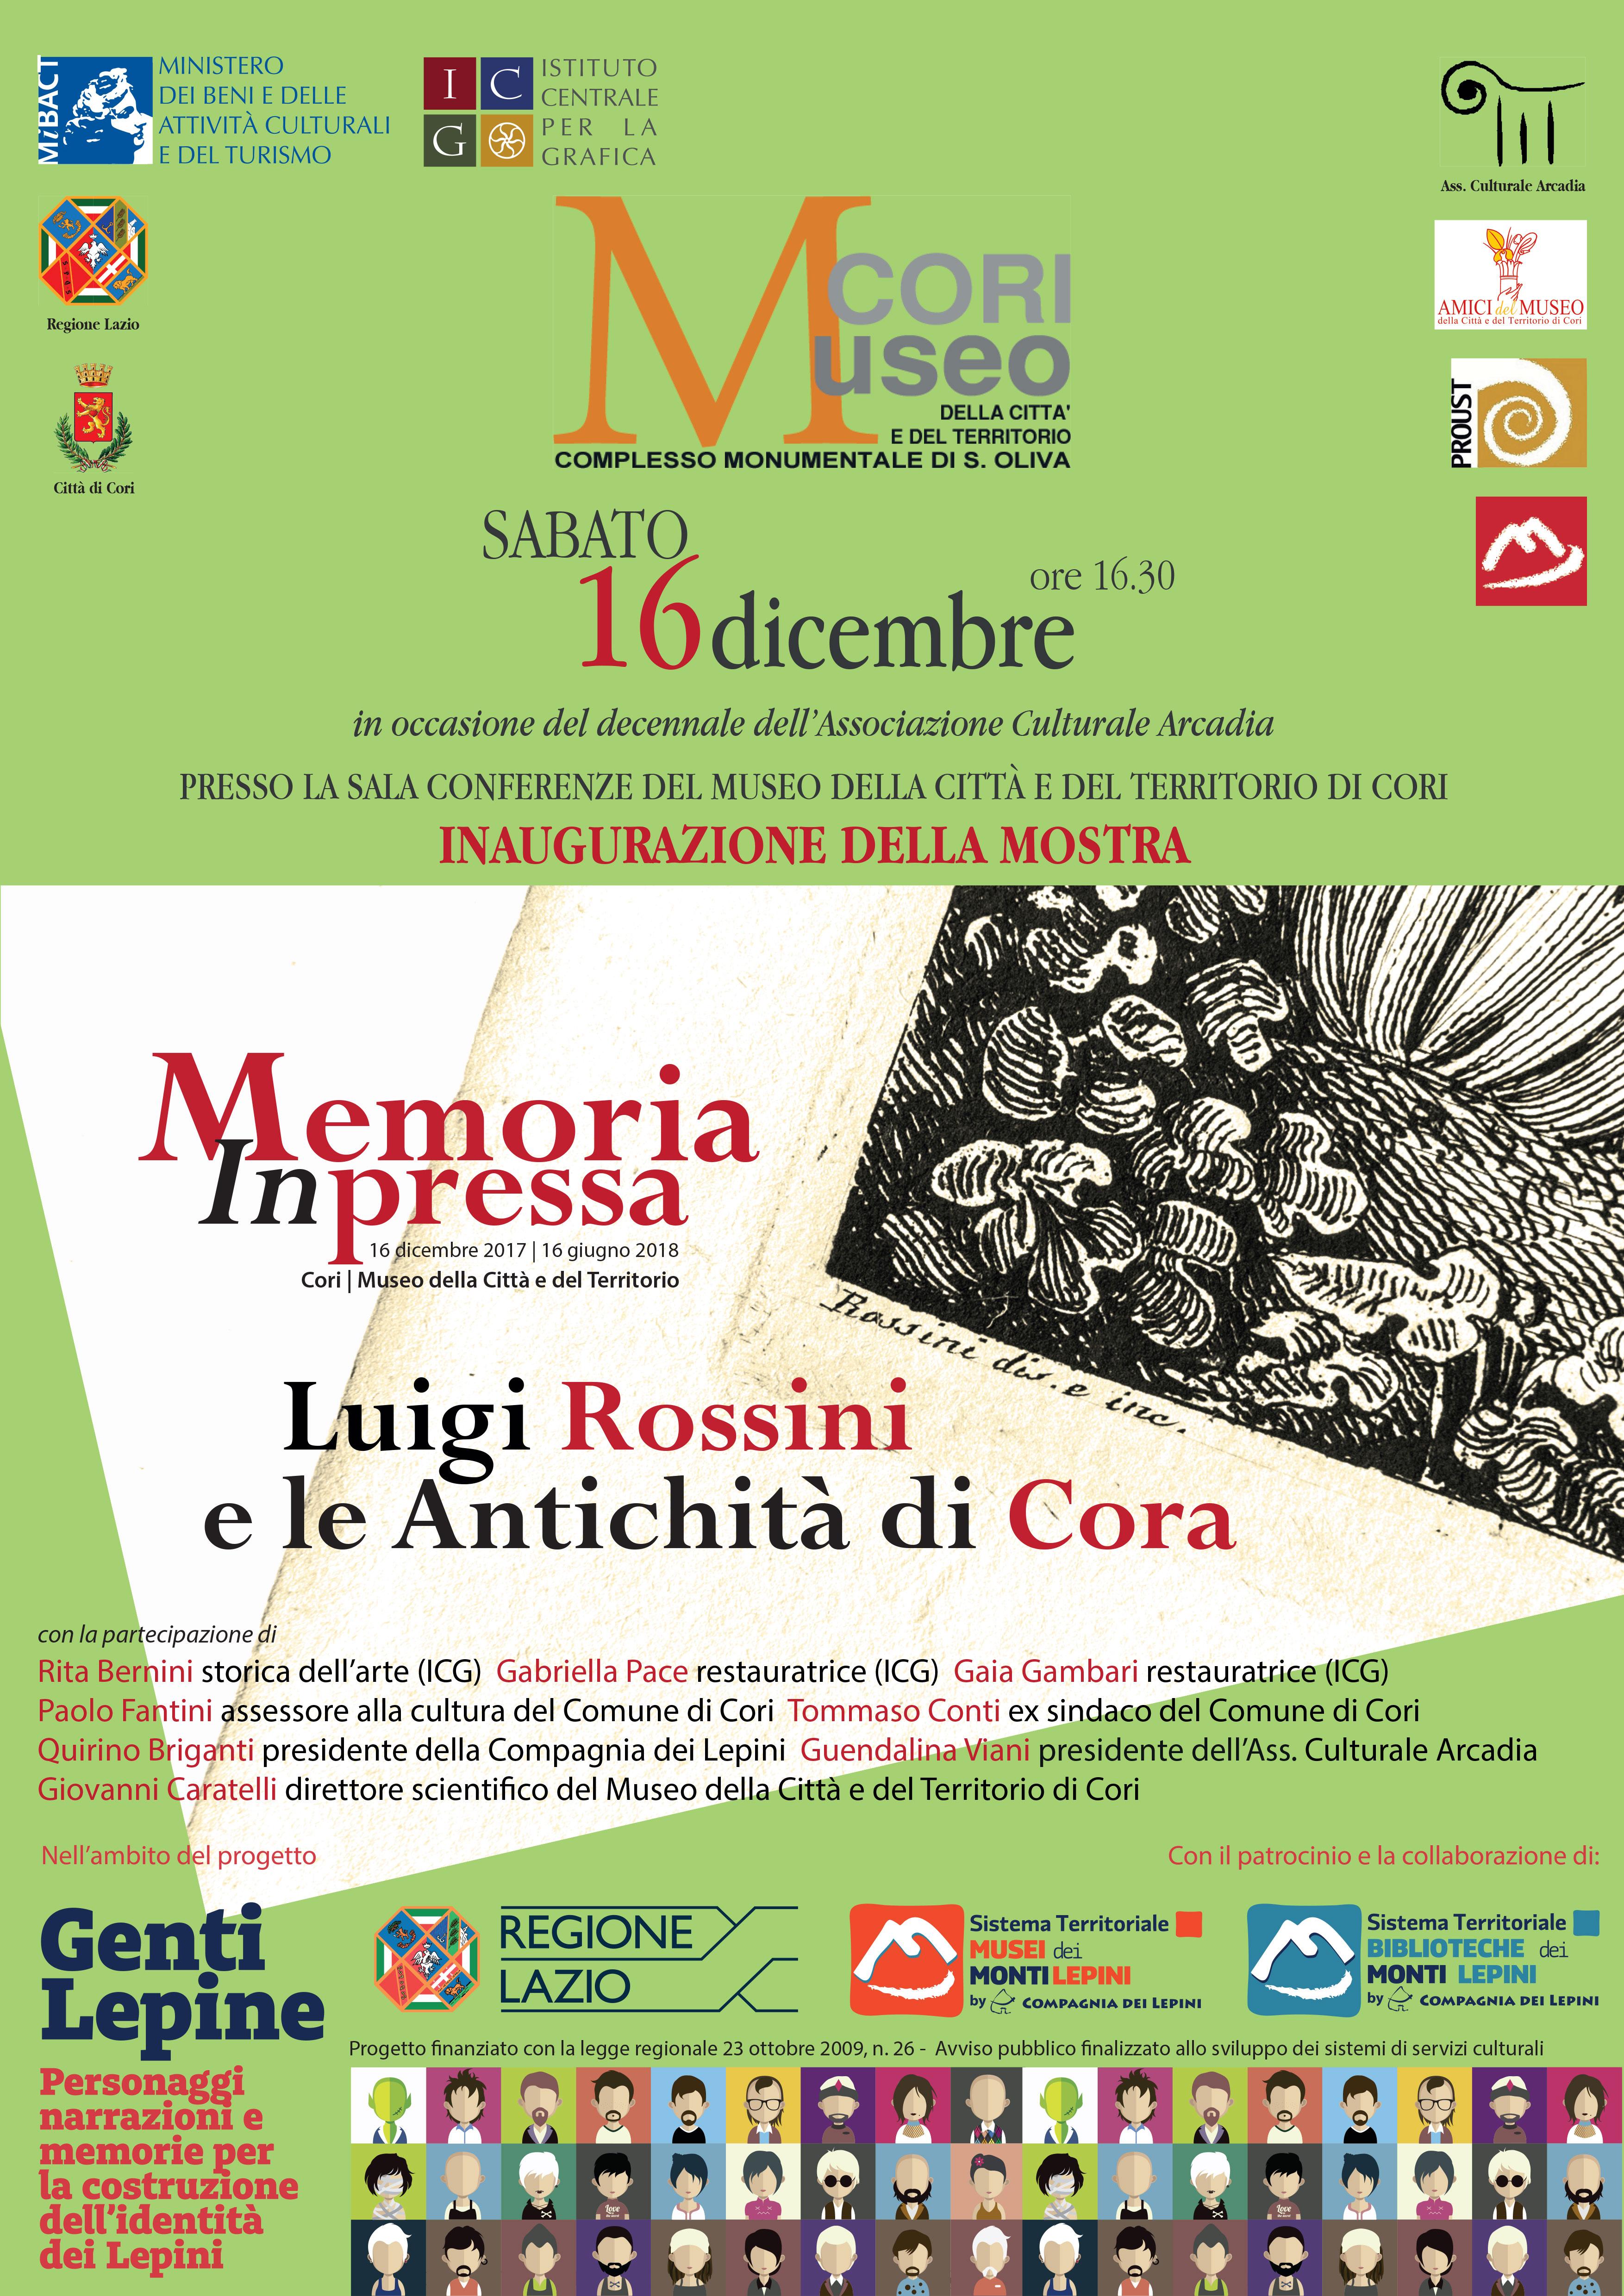 16-12-17-memoria-inpressa-museo-di-cori